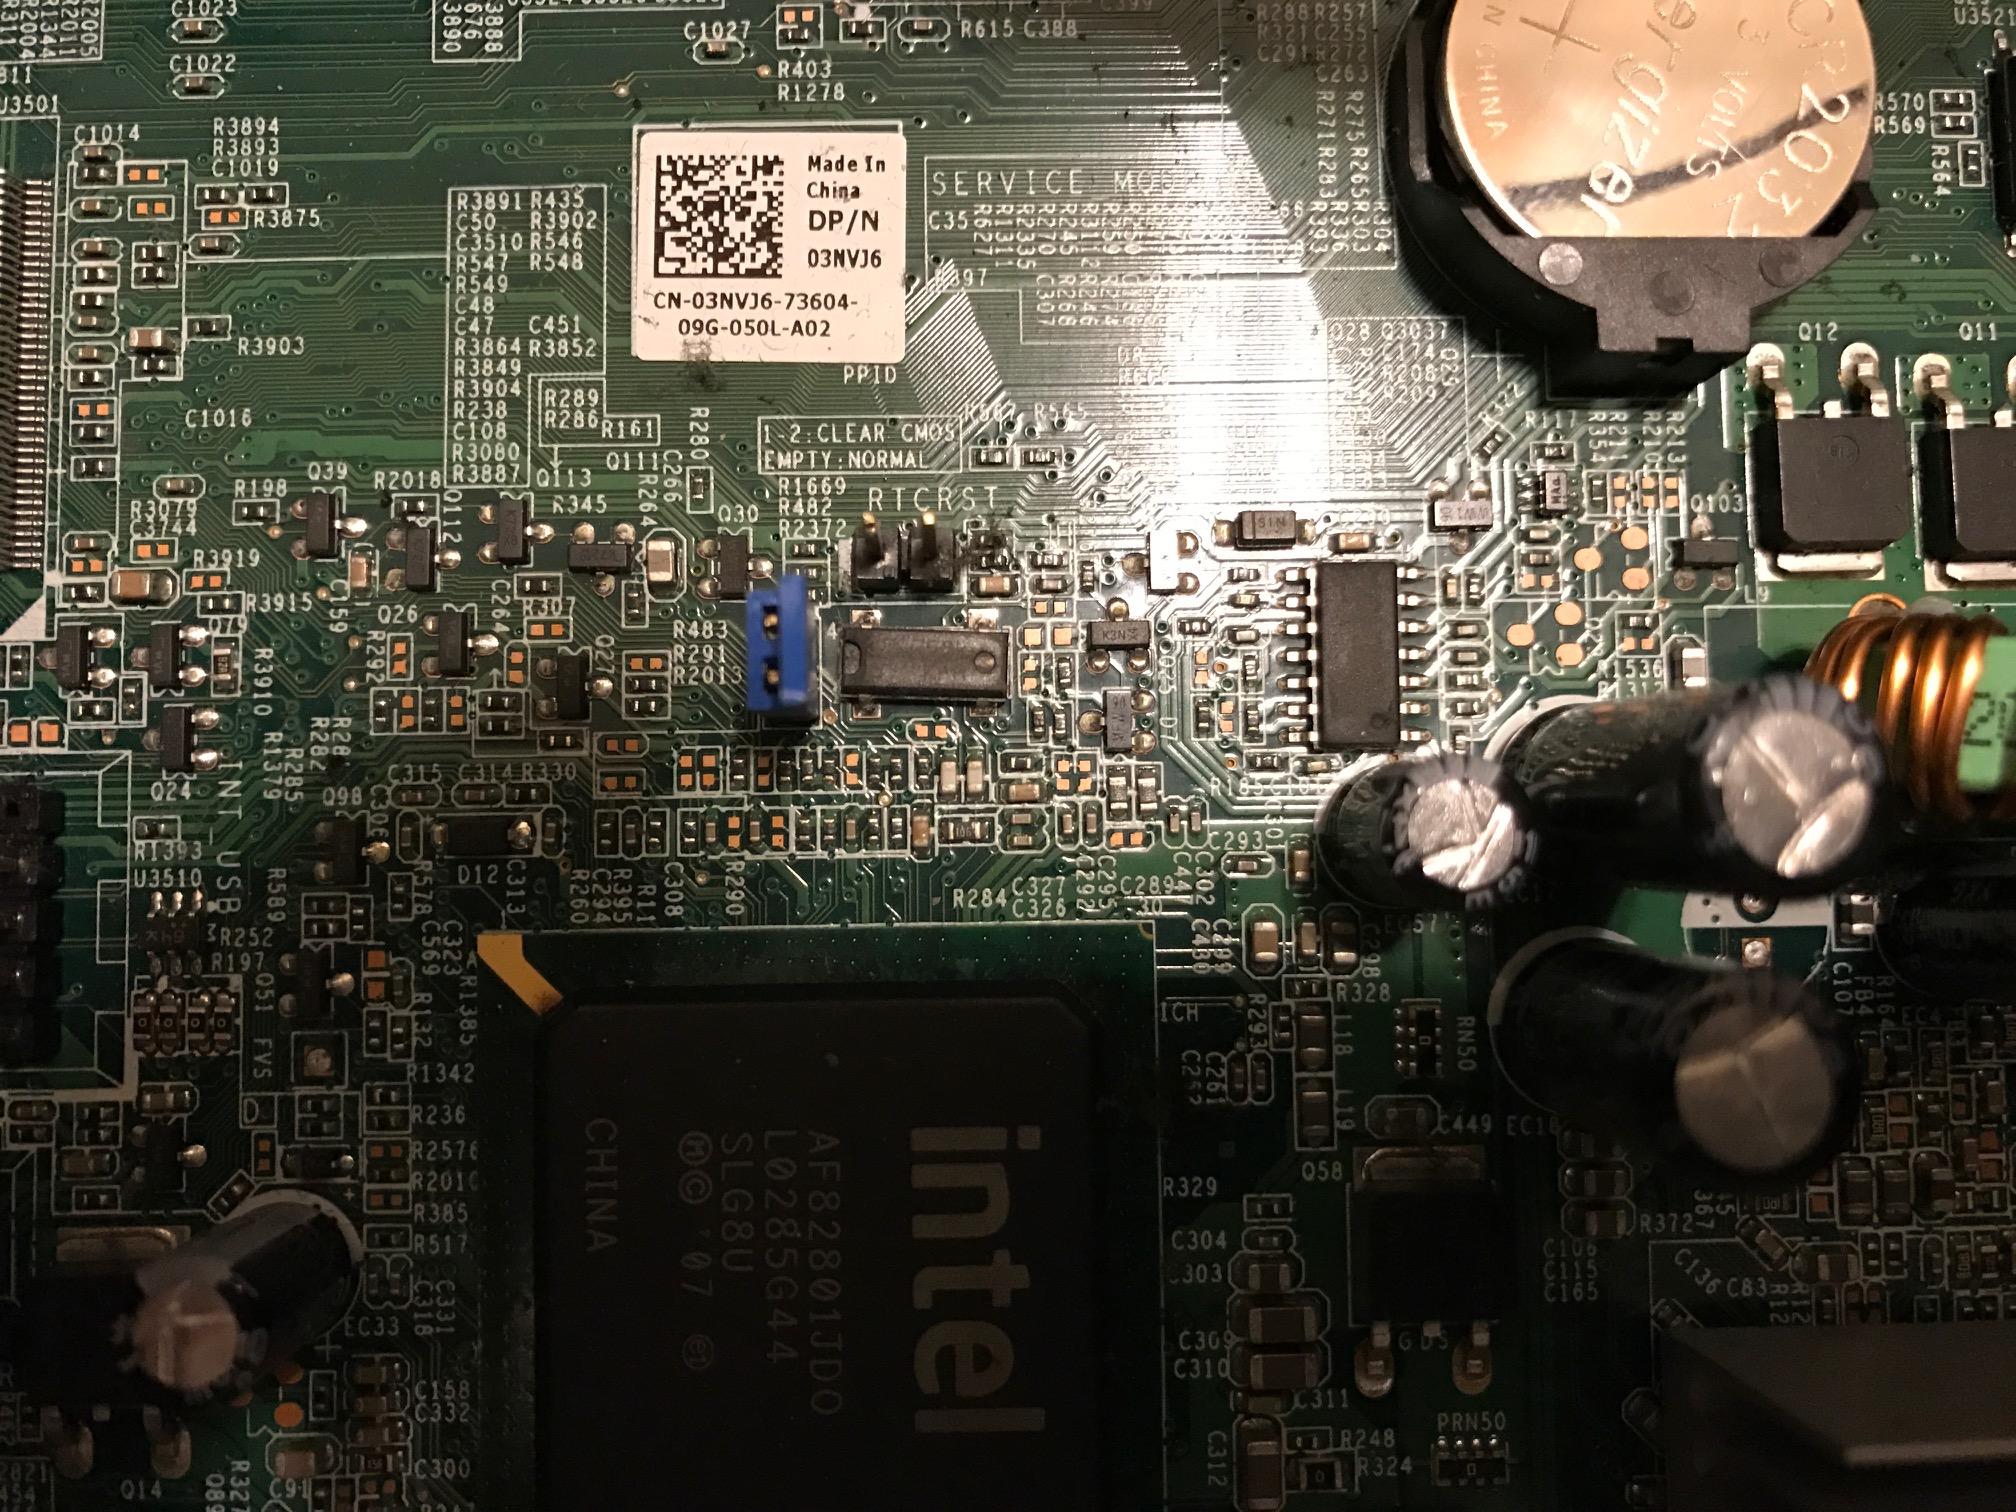 Dell Laptop Bios Reset Jumper